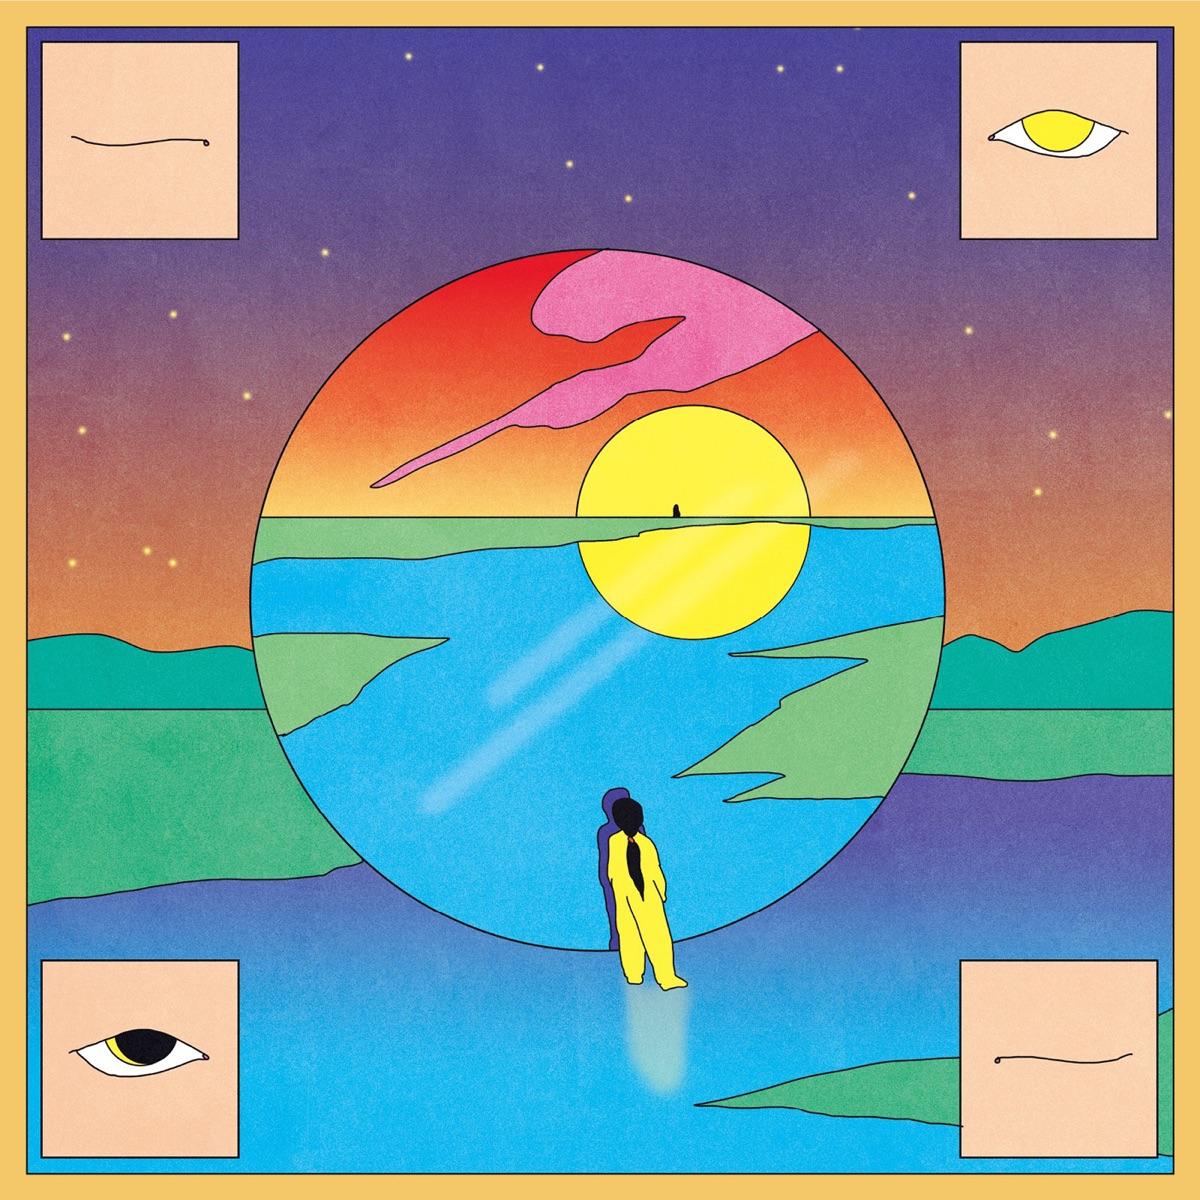 『iri - はじまりの日』収録の『はじまりの日』ジャケット